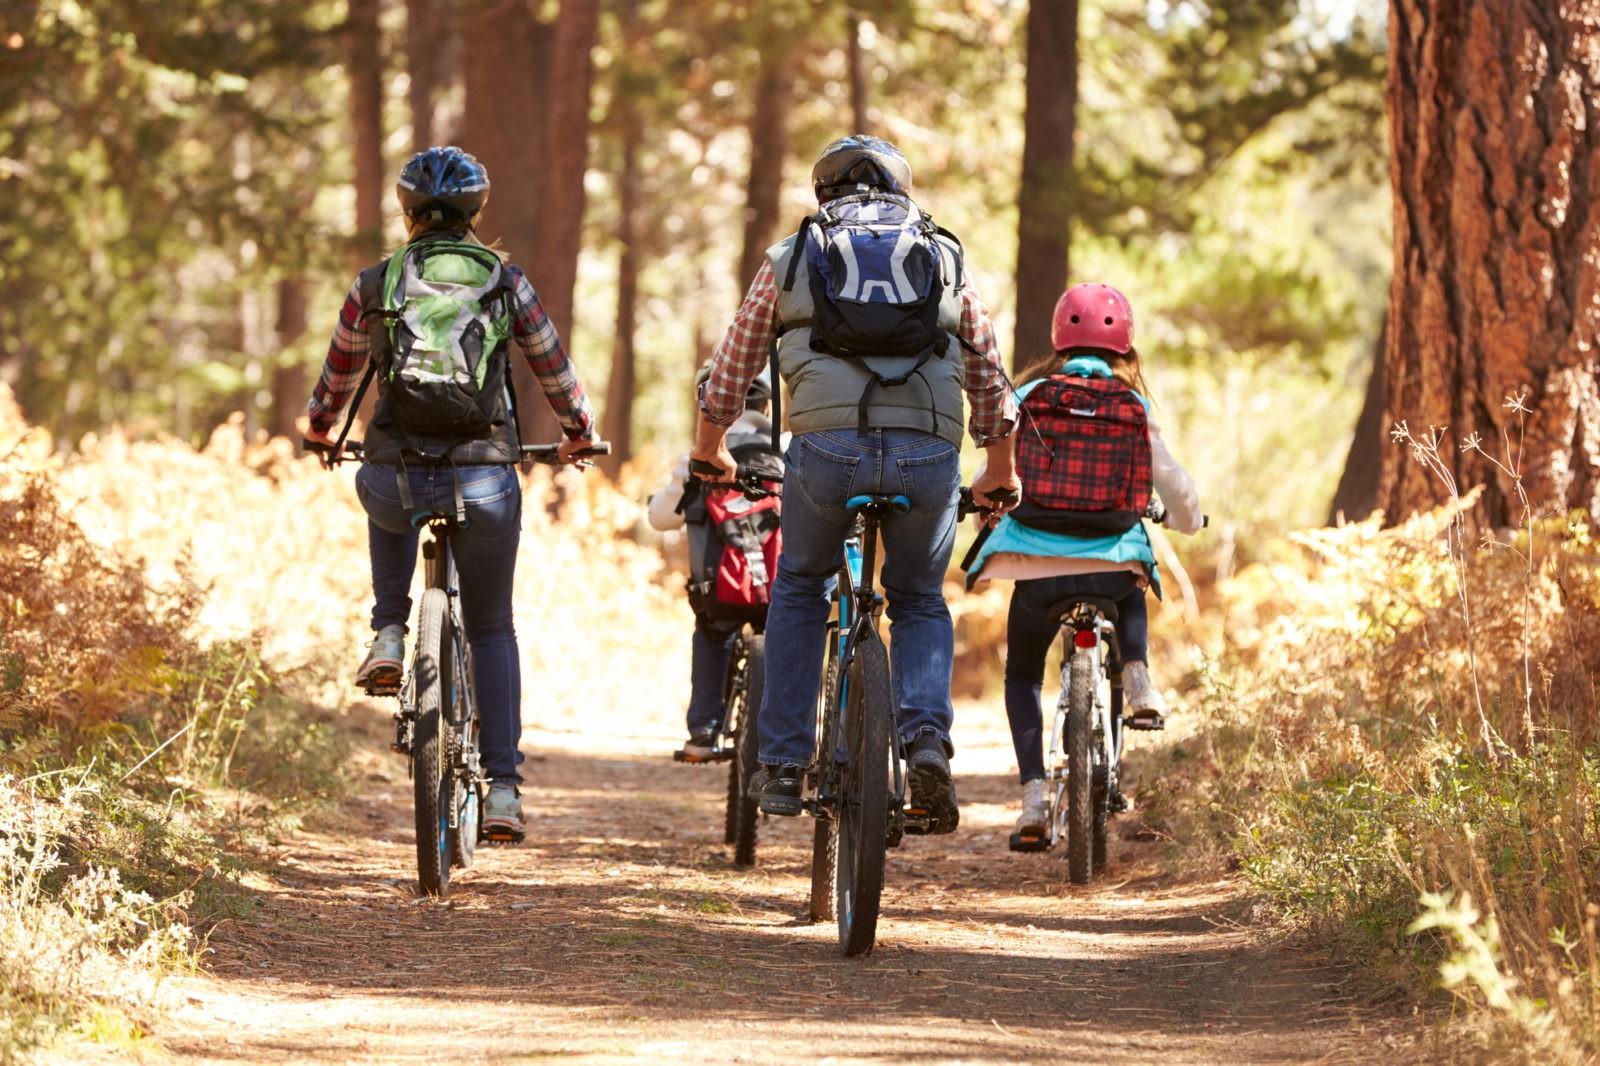 mochilas e ciclismo de bicicleta de montanha